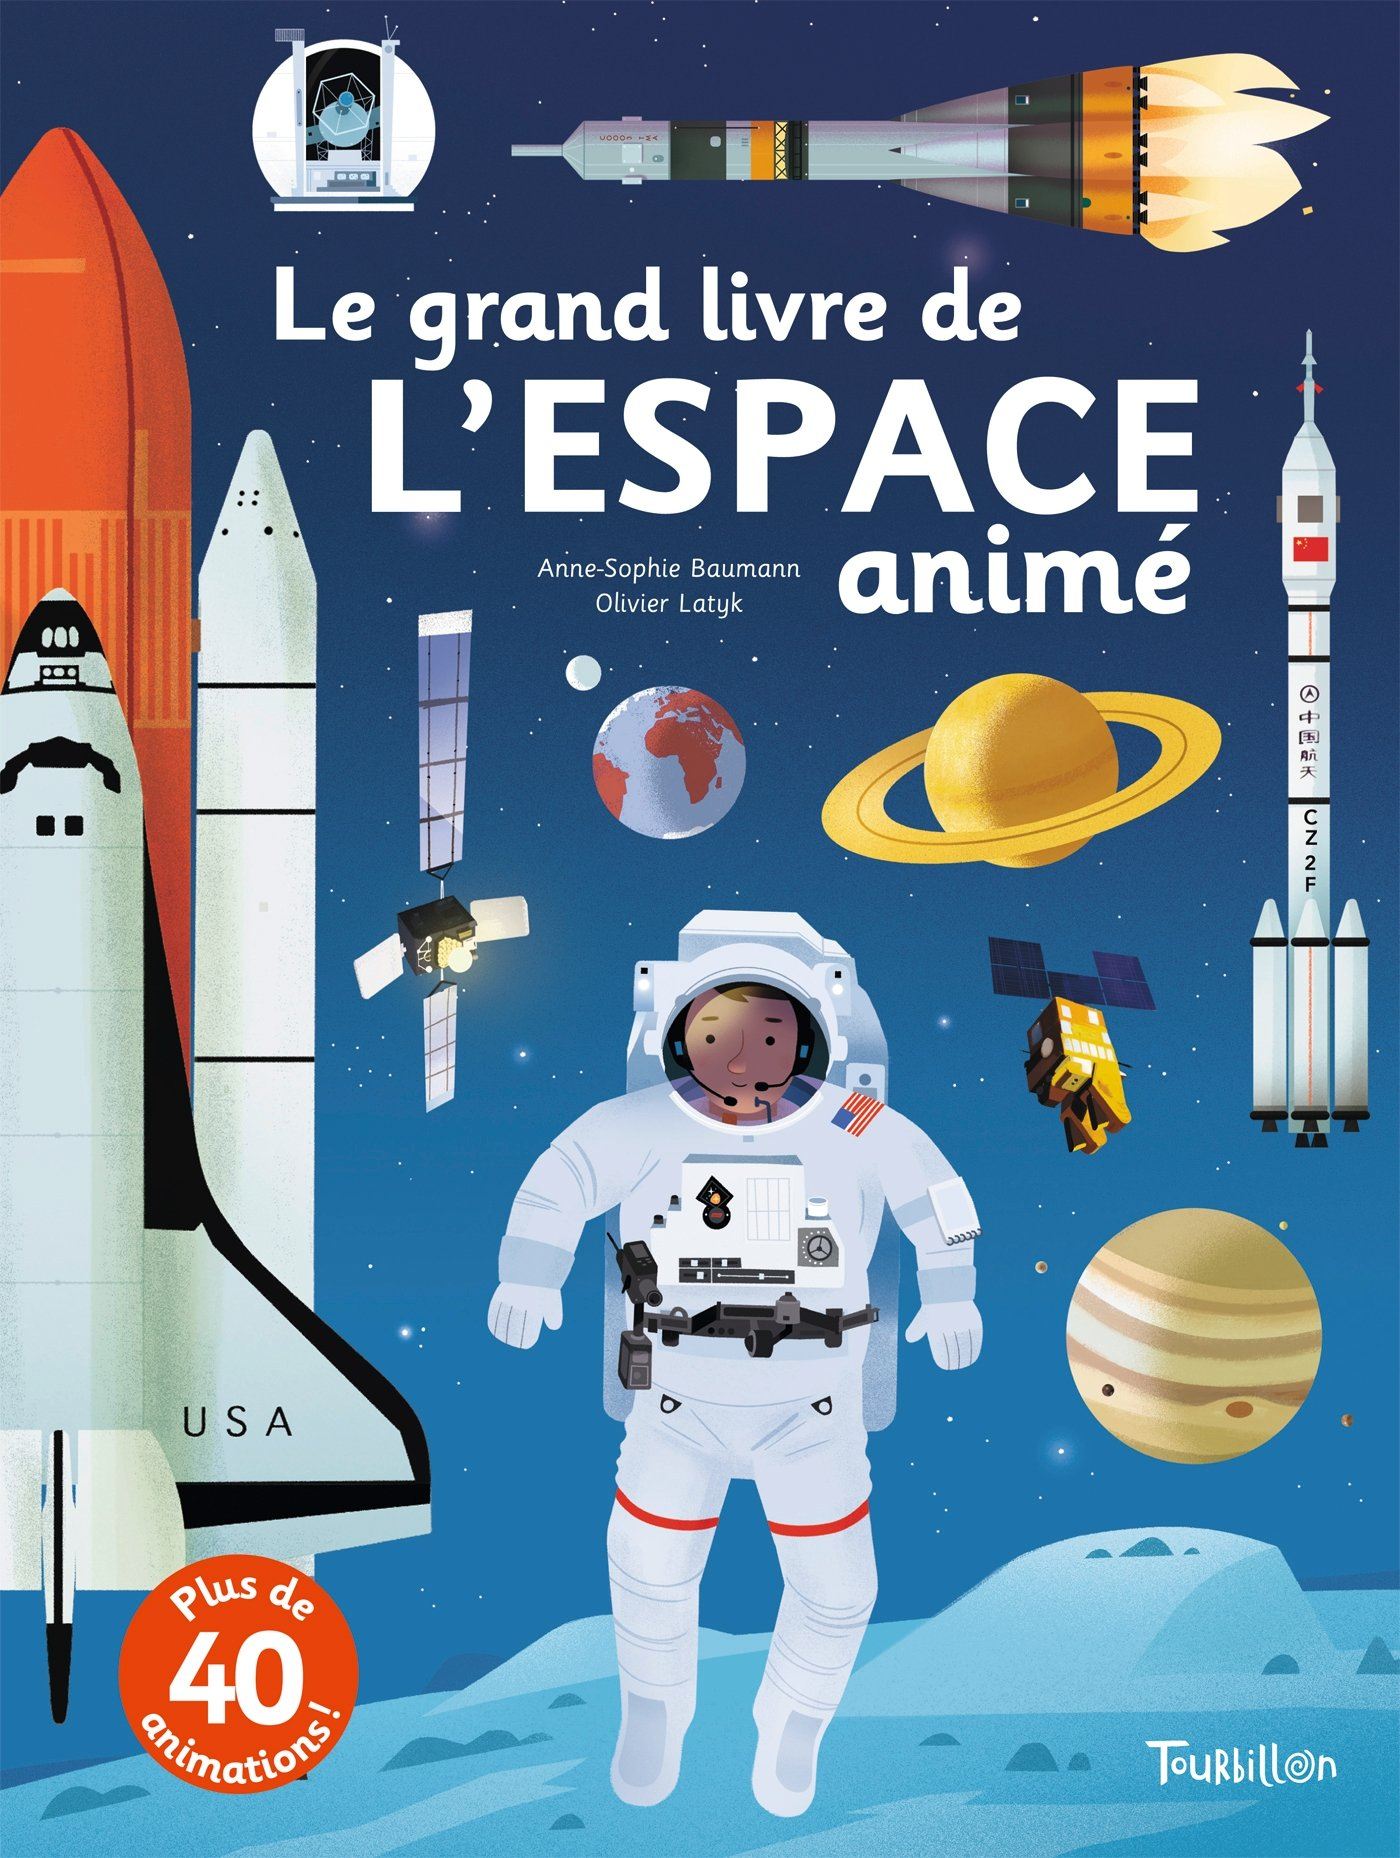 Le grand livre de l'Espace animé Broché – 5 octobre 2016 Anne-Sophie Baumann Olivier Latyk Tourbillon B01GUQPJ7G